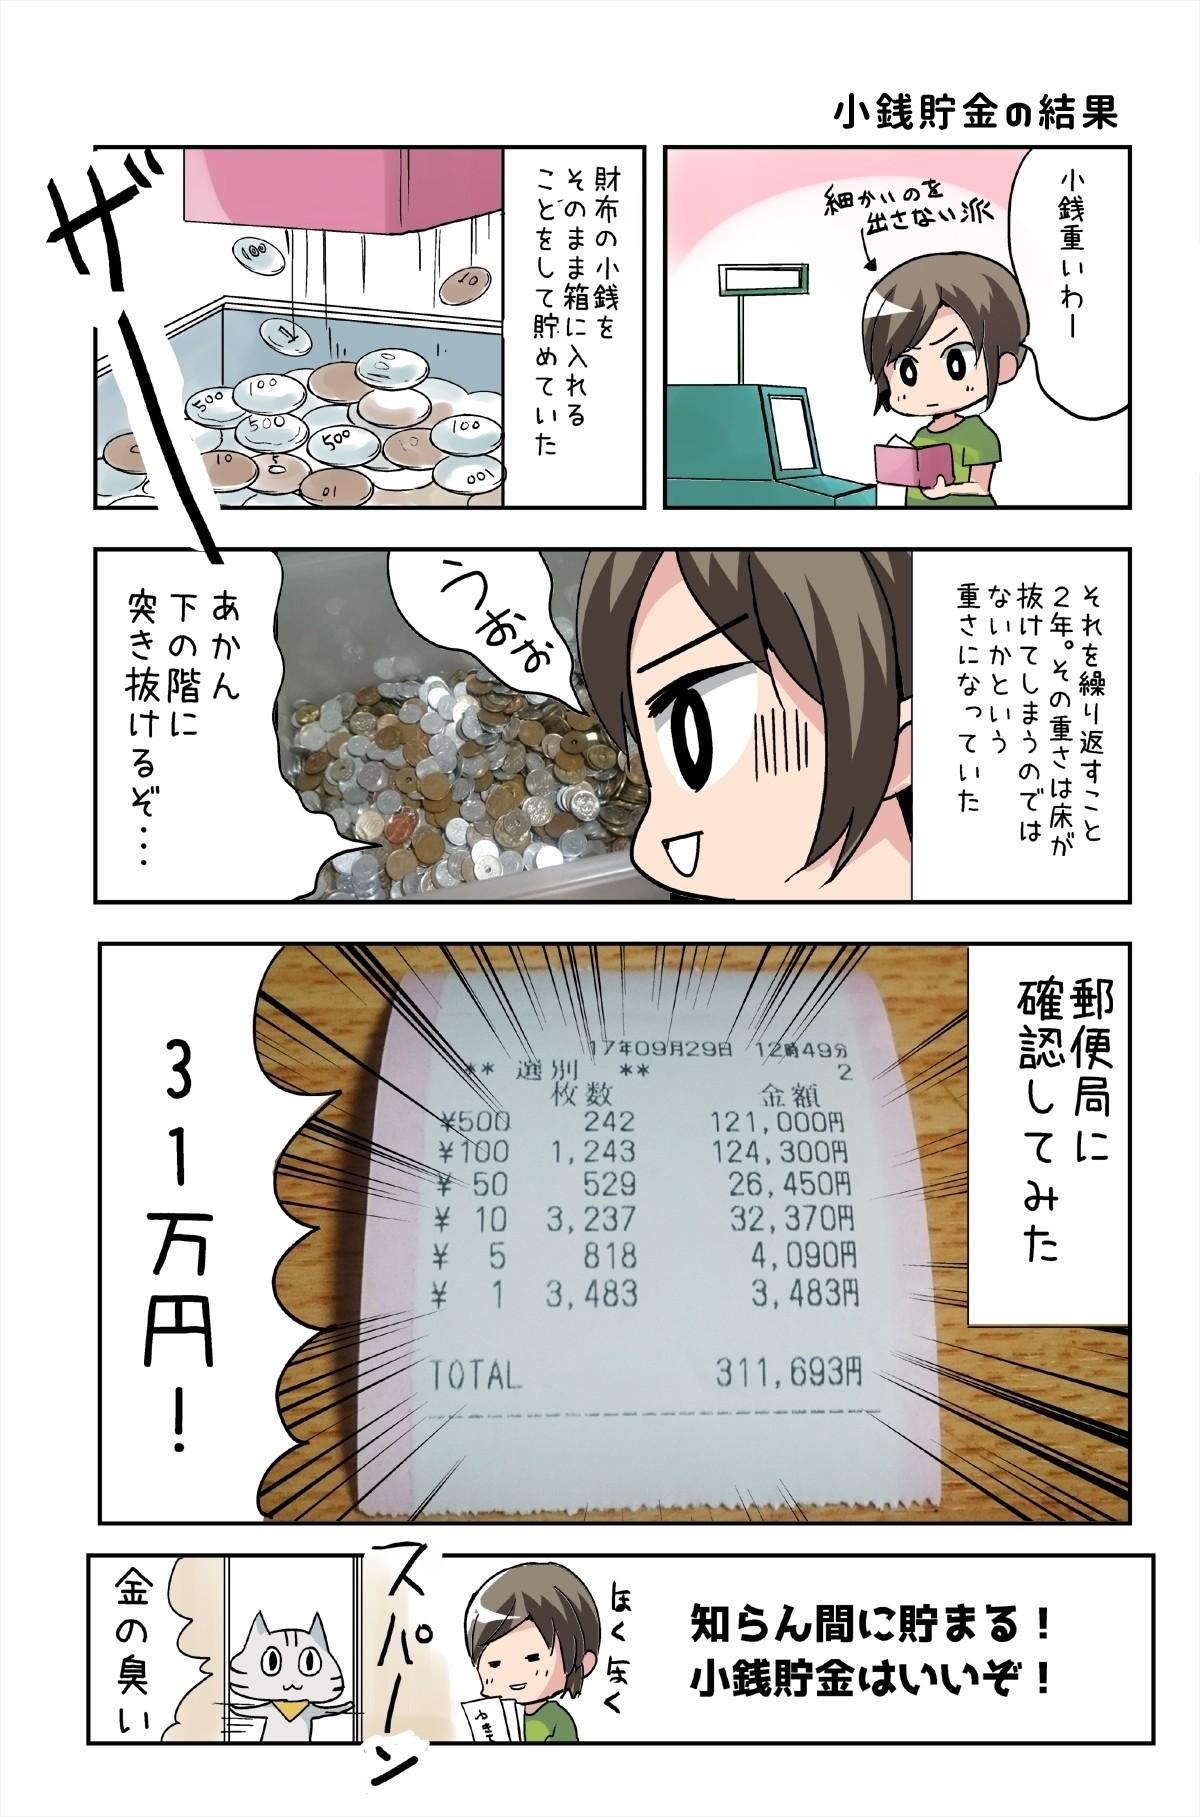 小銭貯金で○十万円貯めた話